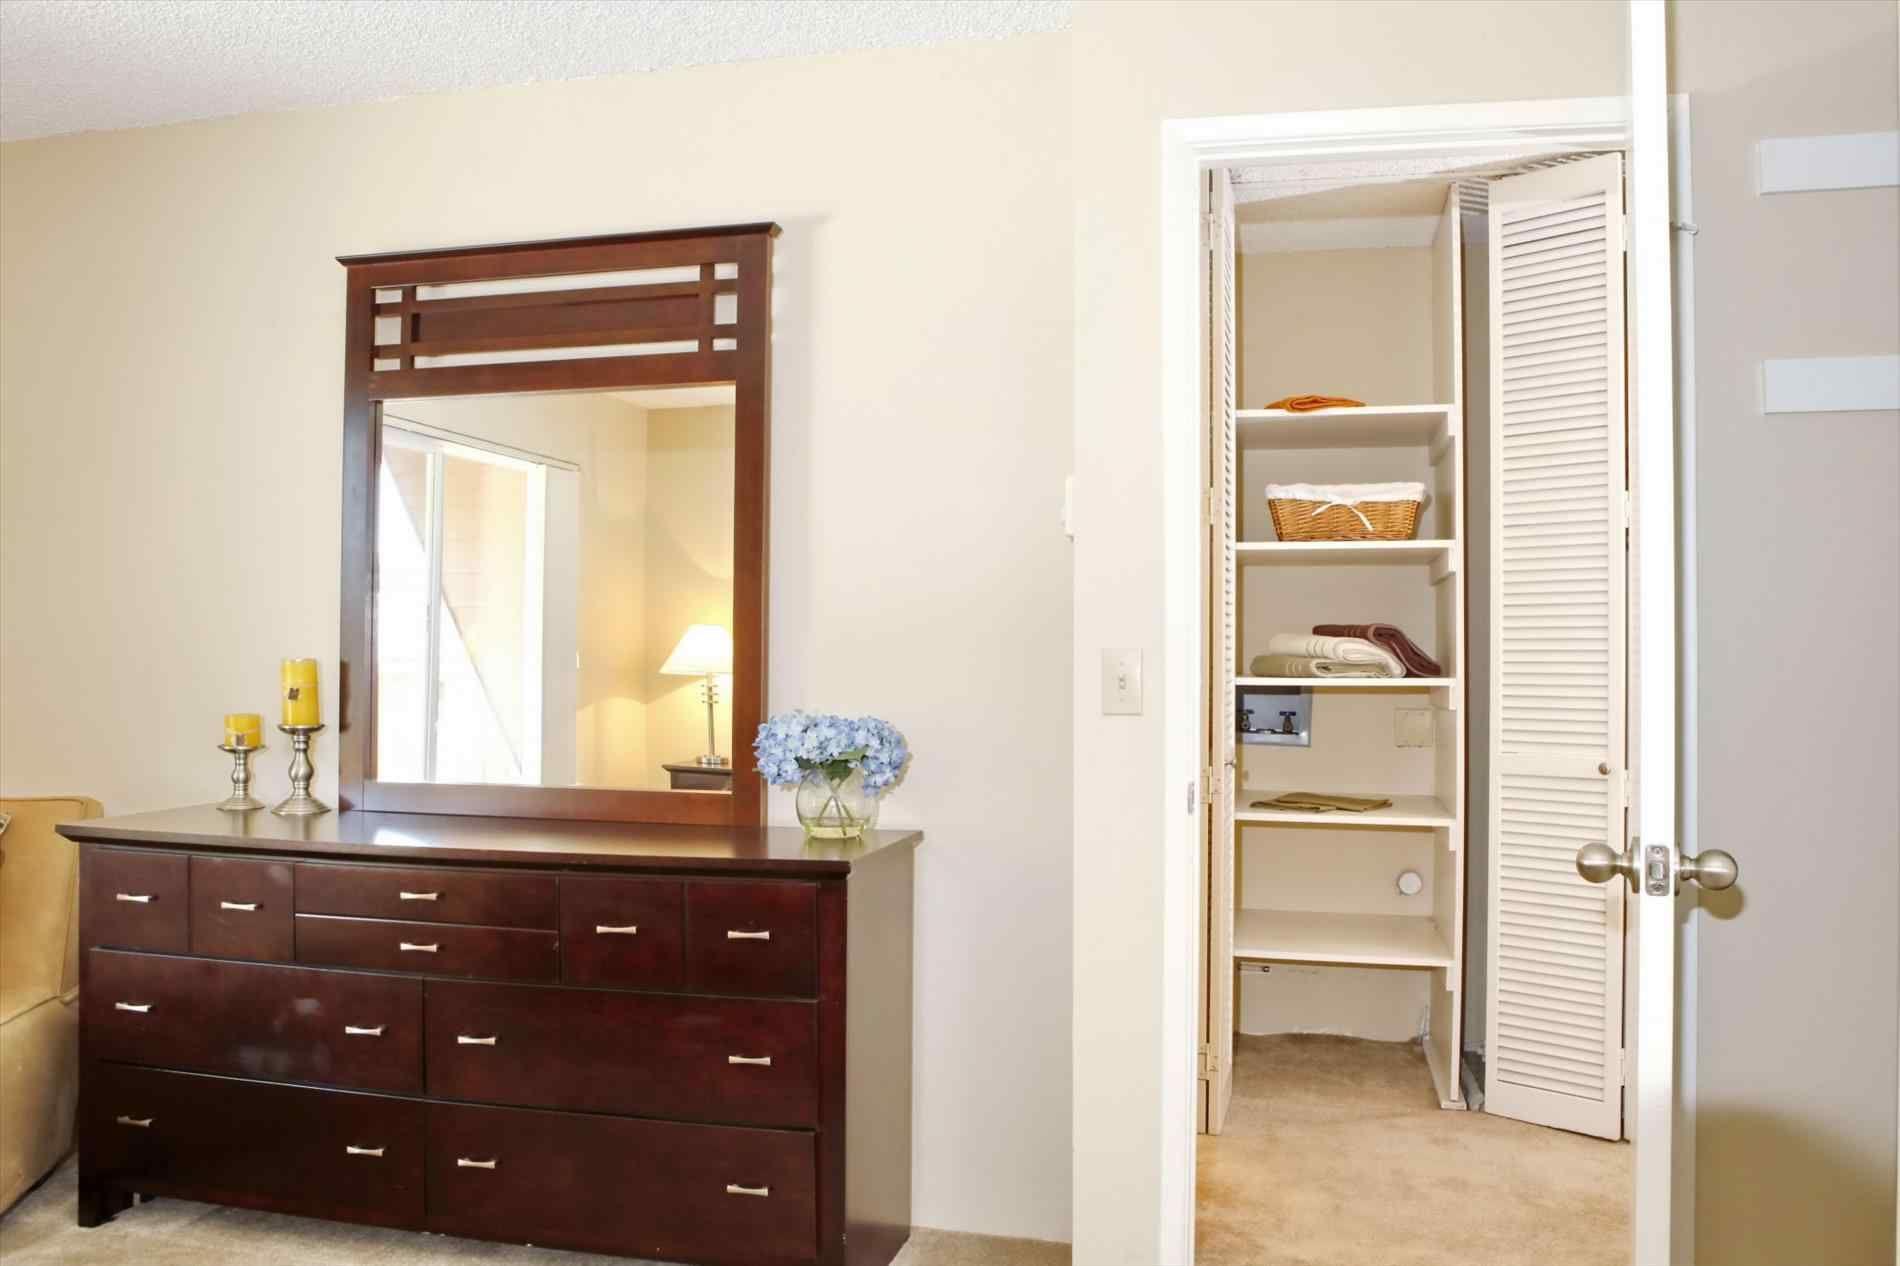 Bedroom interior design with almirah wand almirah mit schminktisch  nachtschränke in das moderne